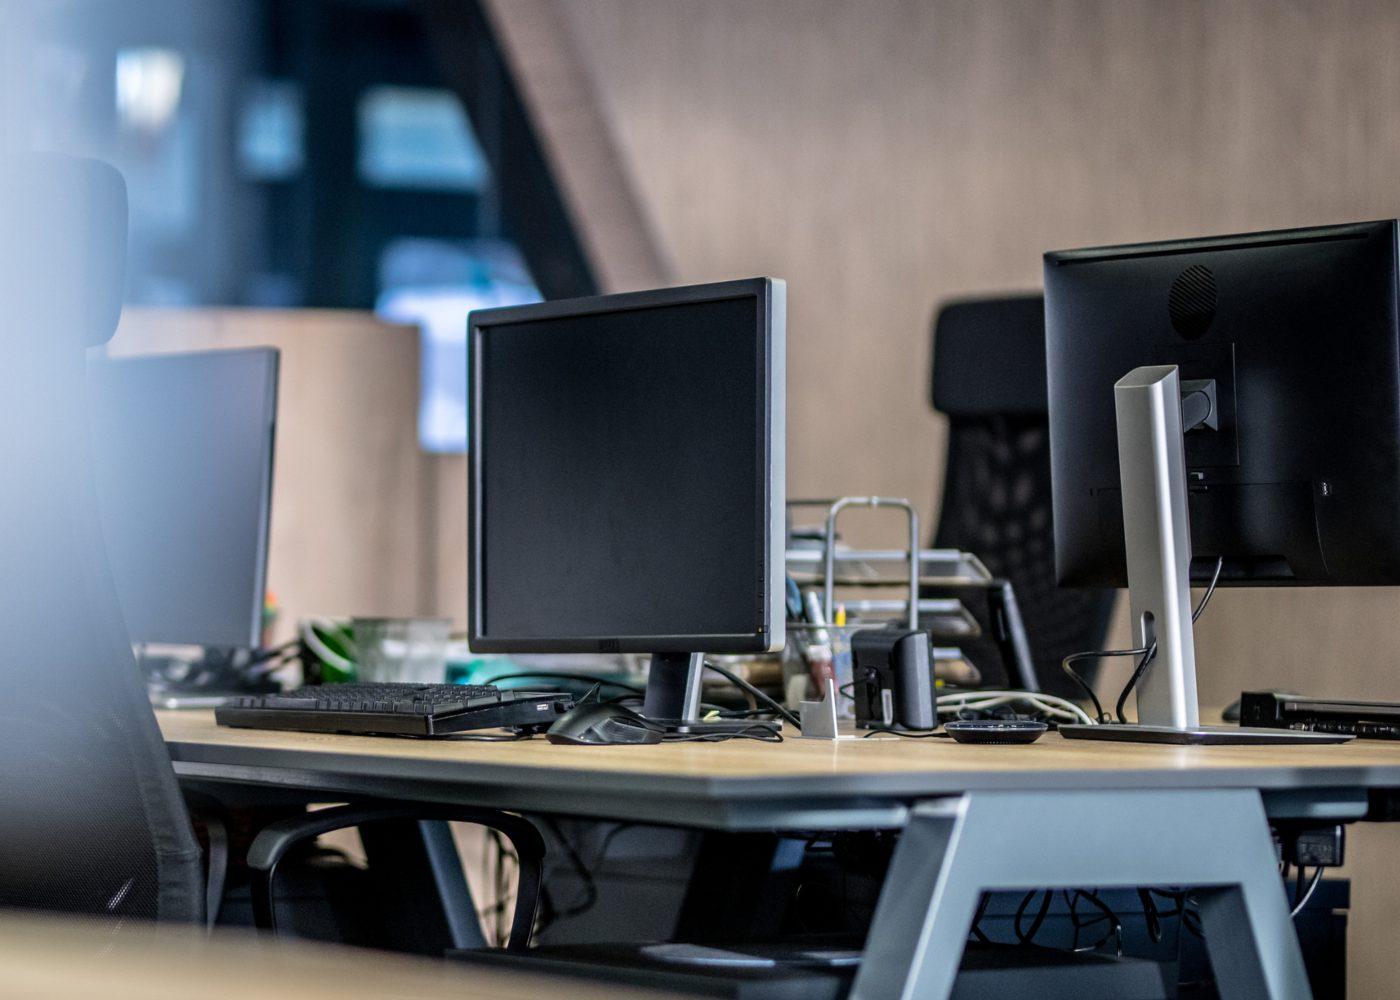 escritório vazio por pessoas a faltar com faltas injustificadas no trabalho